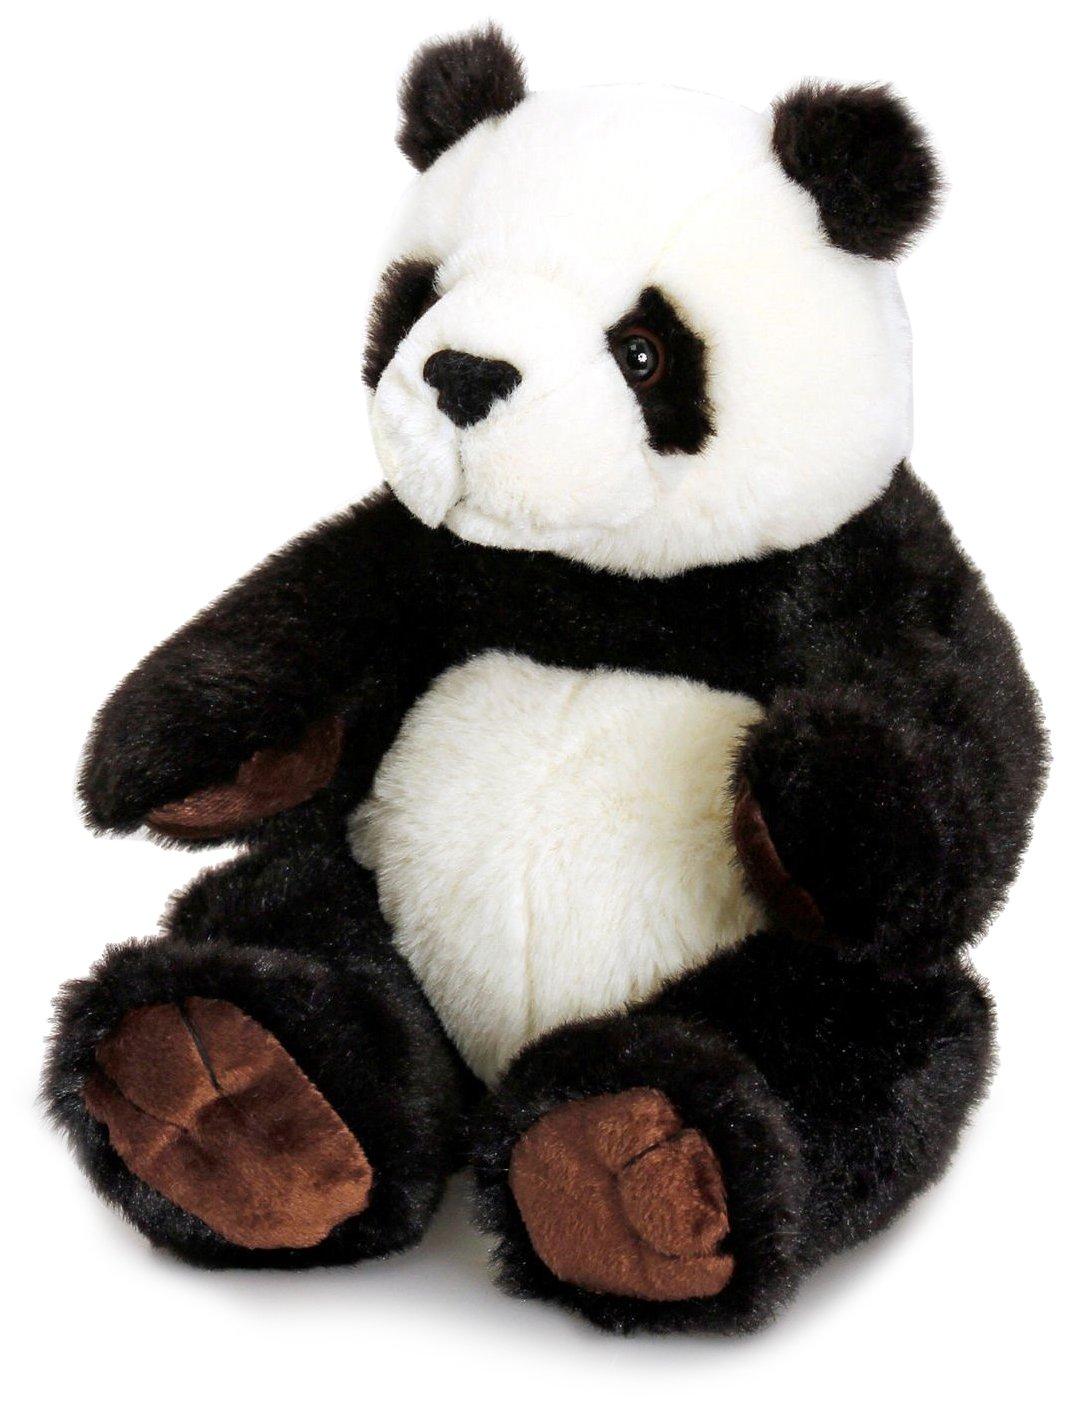 Keel Toys SW4633 - Panda de peluche (20 cm), color blanco y negro: Amazon.es: Juguetes y juegos